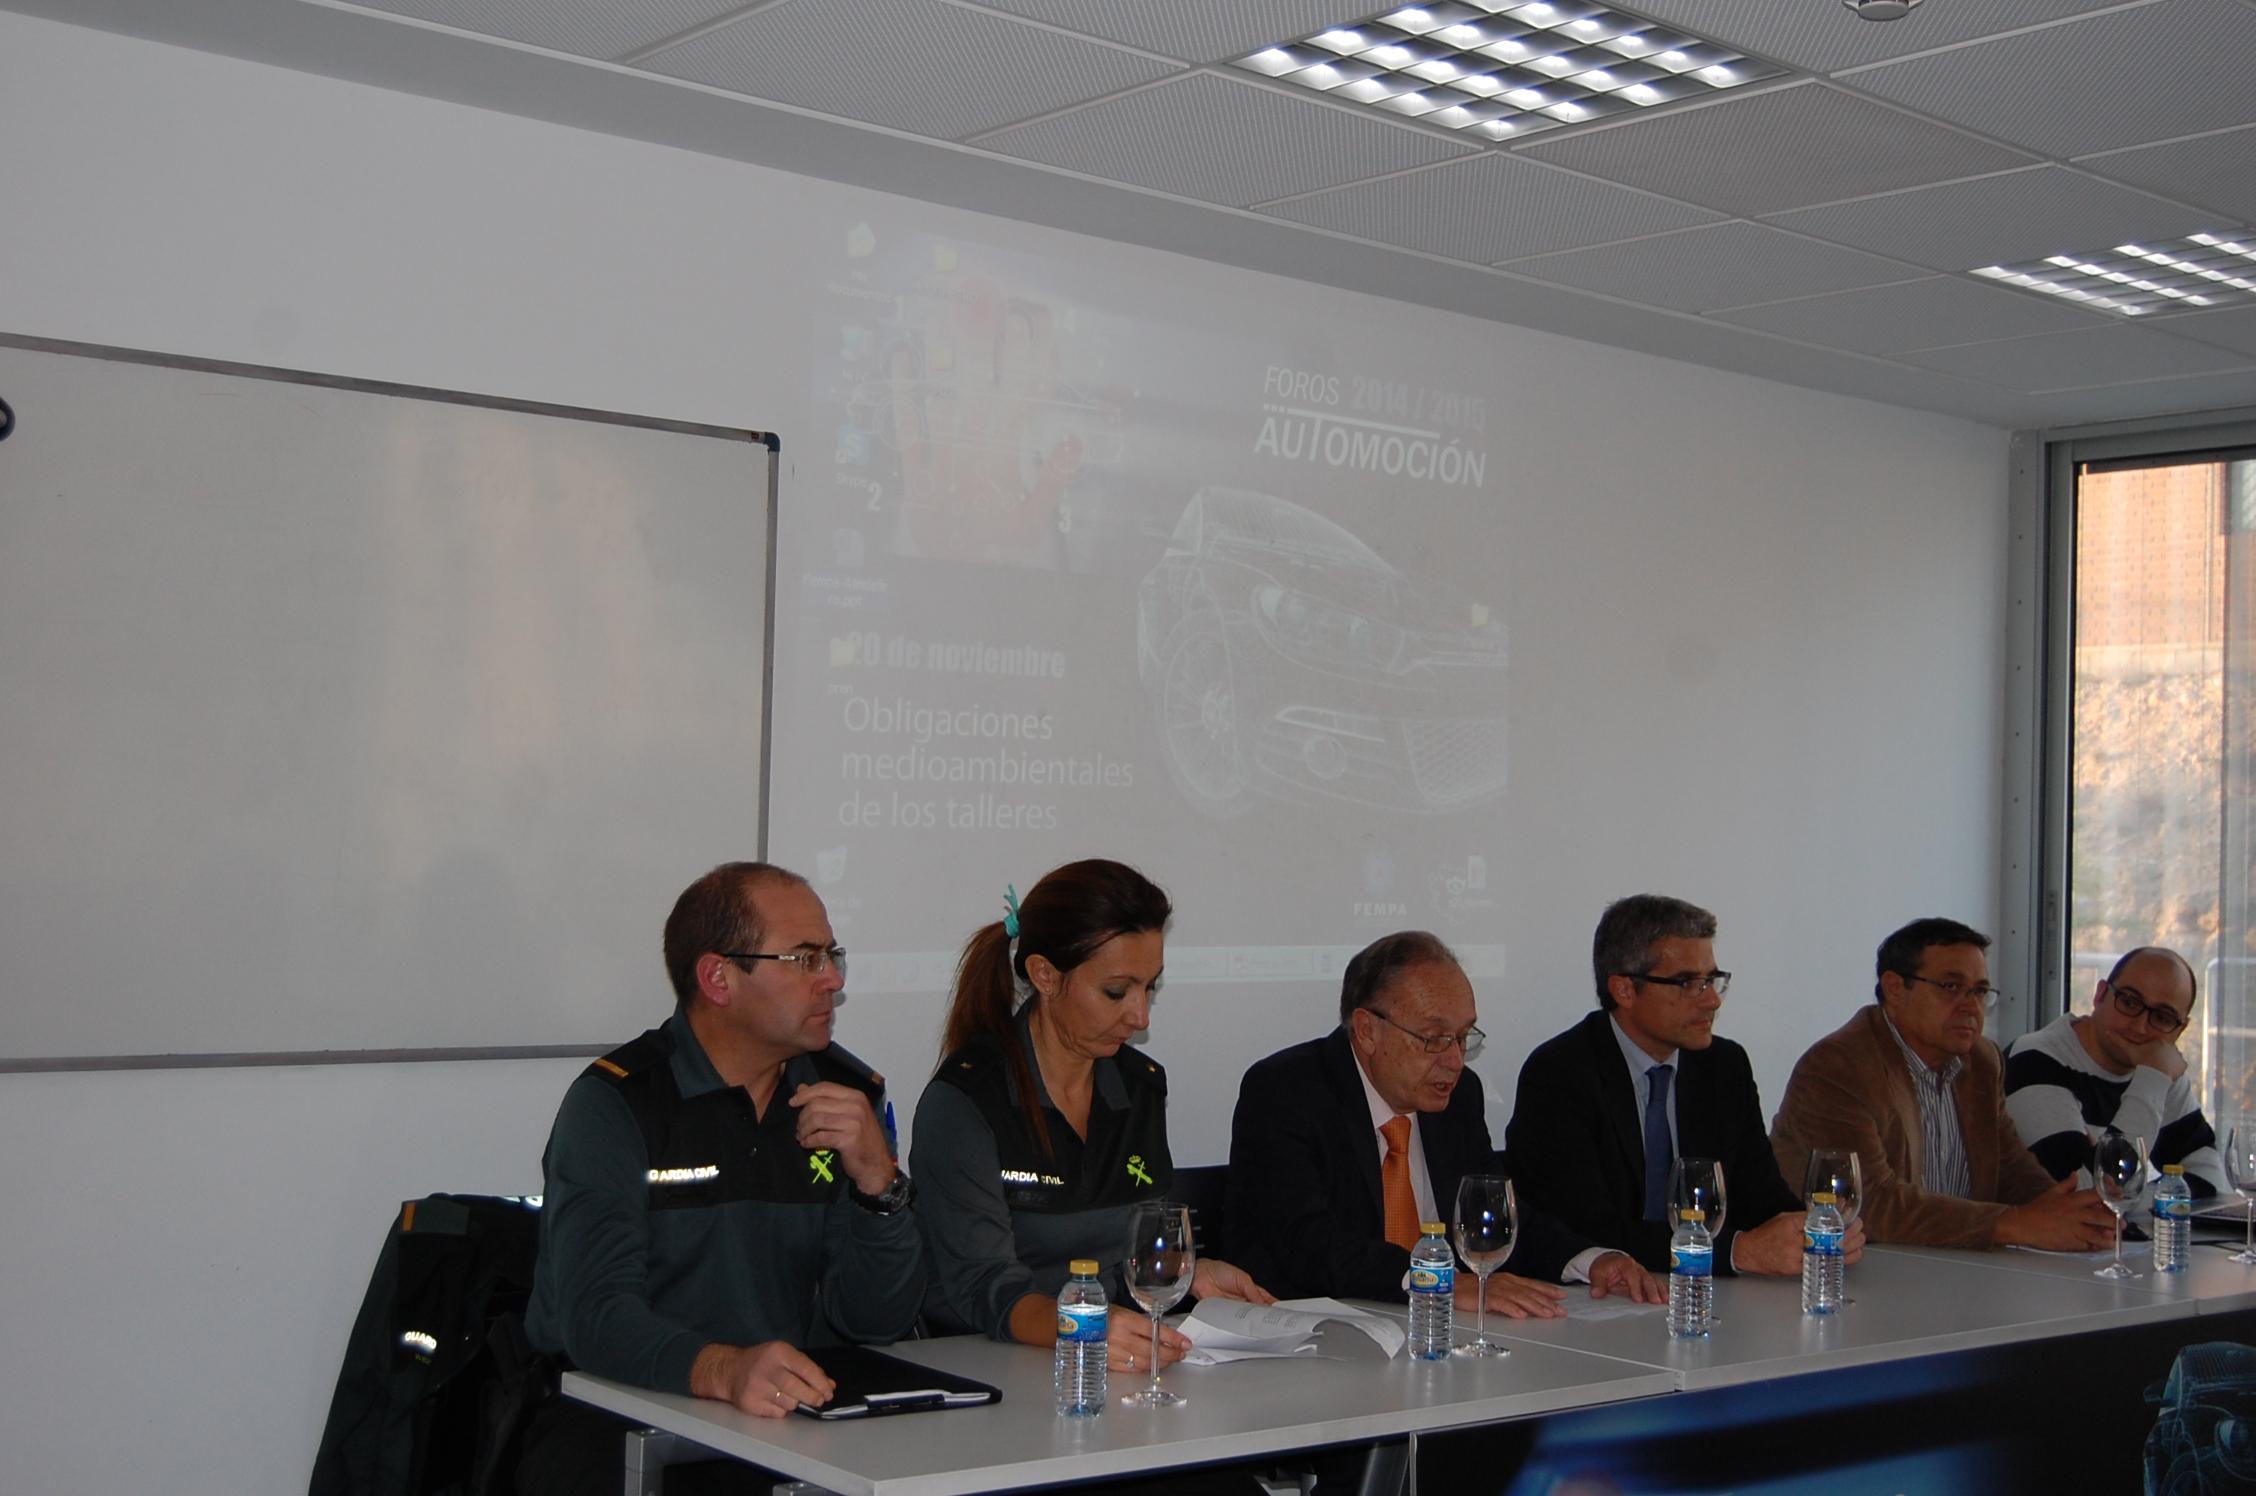 Talleres y medio ambiente, tema central del Foro de Automoción FEMPA/ATAYAPA